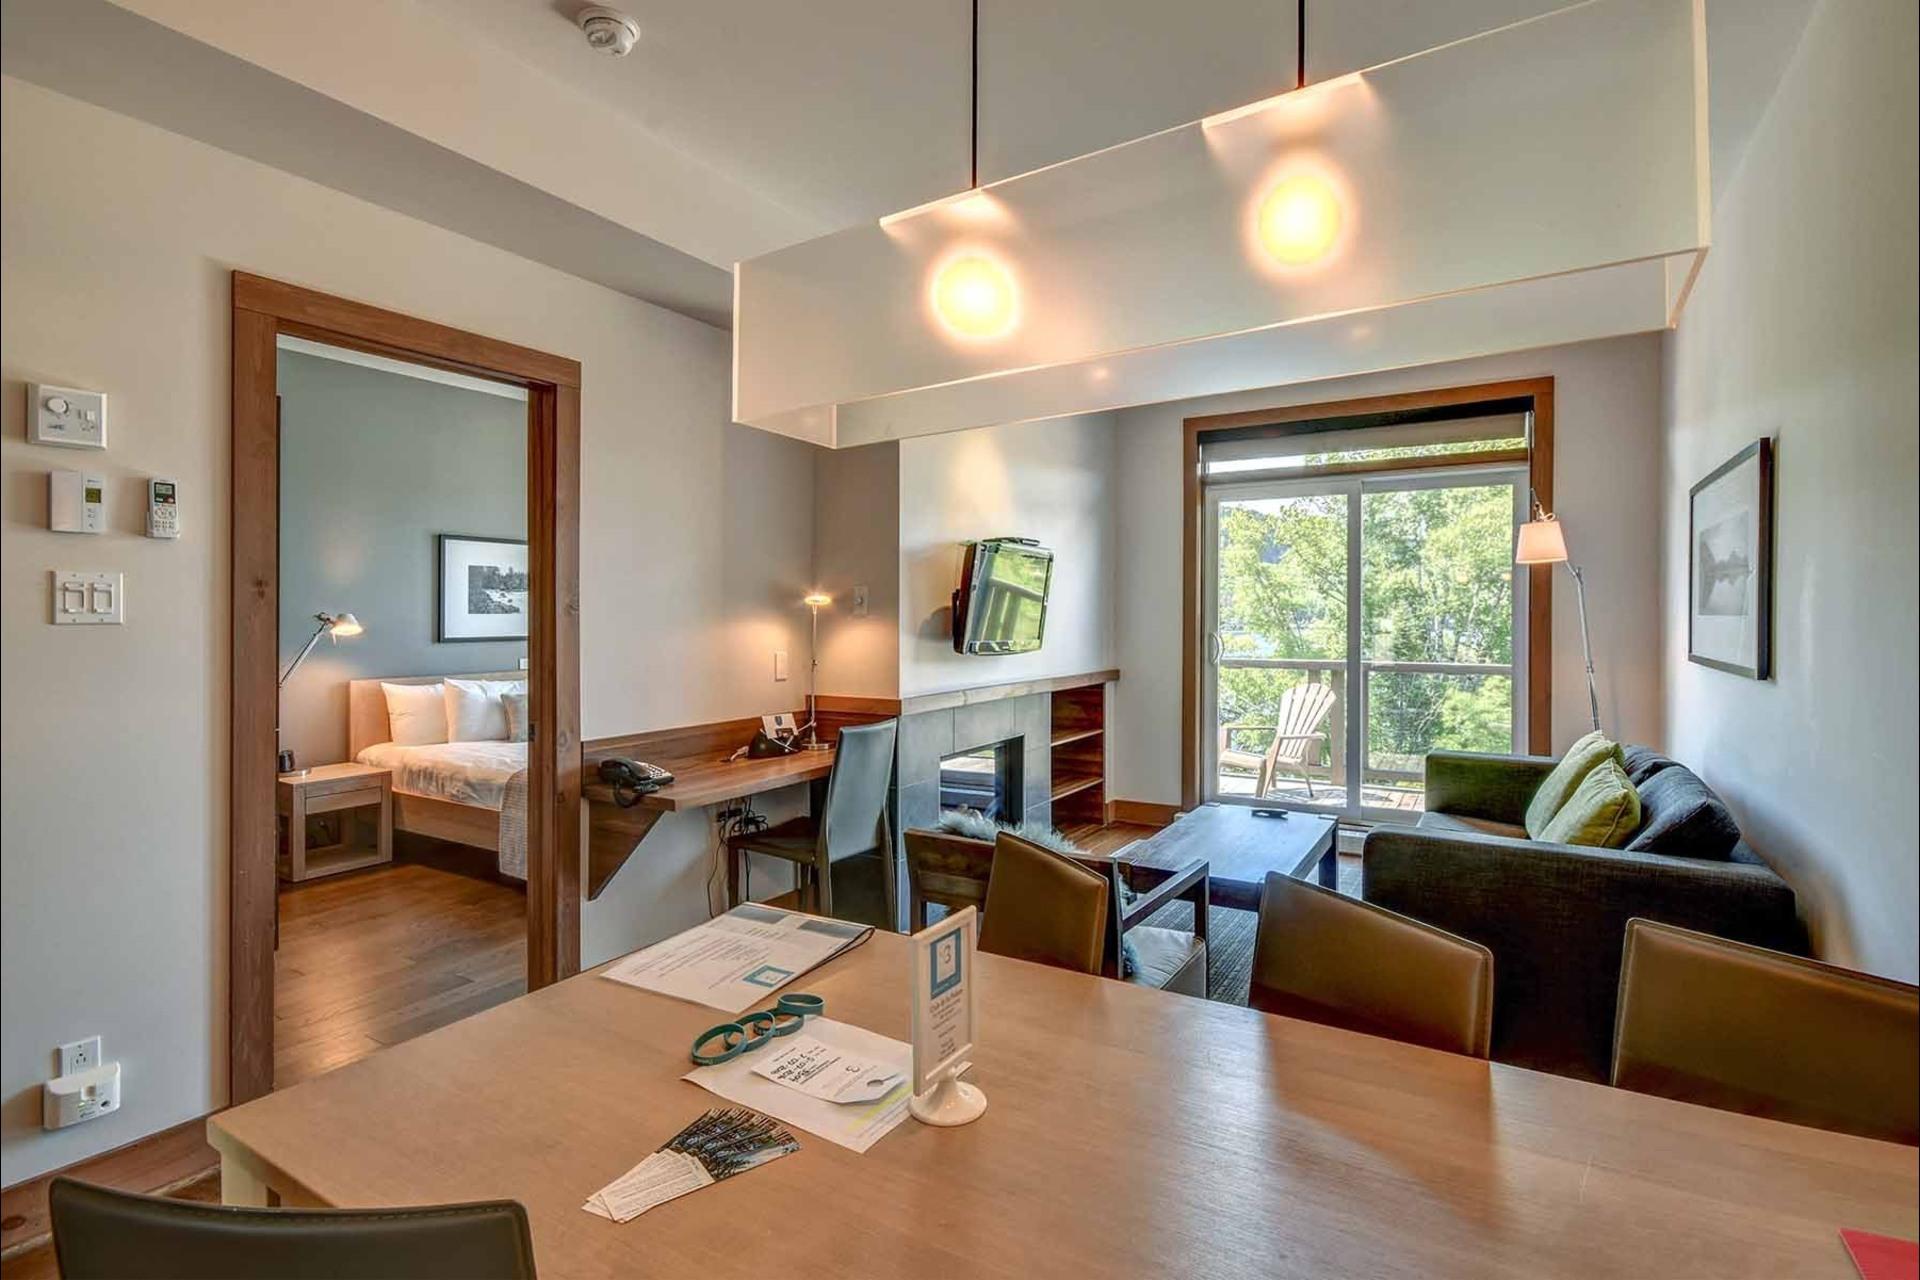 image 3 - Appartement À vendre Lac-Supérieur - 6 pièces